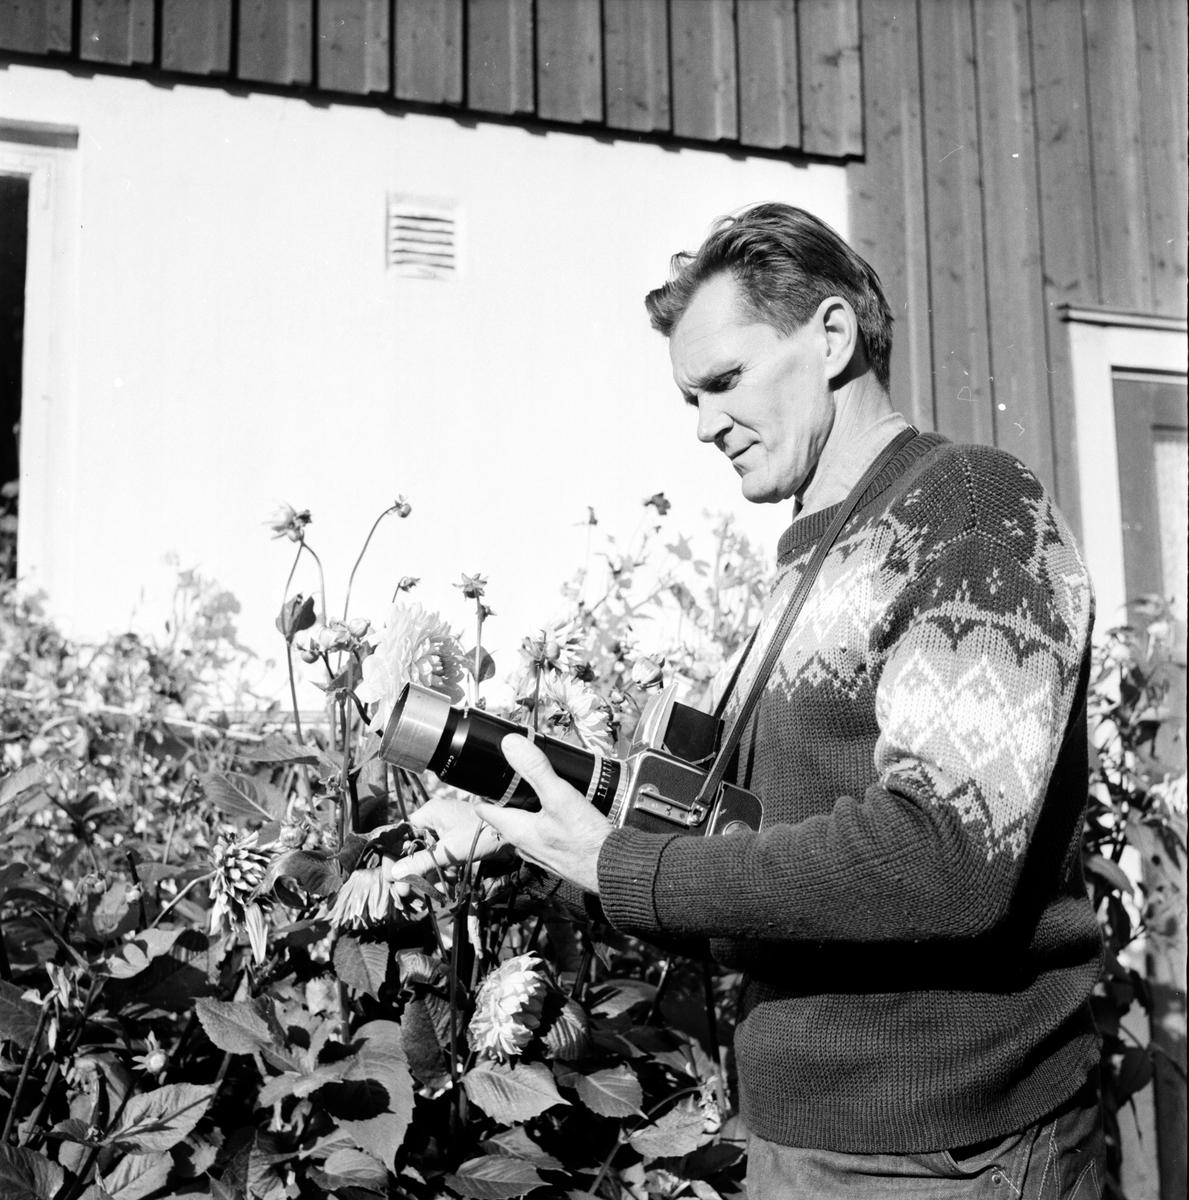 Mickelsson Hilding, Glössbo, 17 Sept 1966